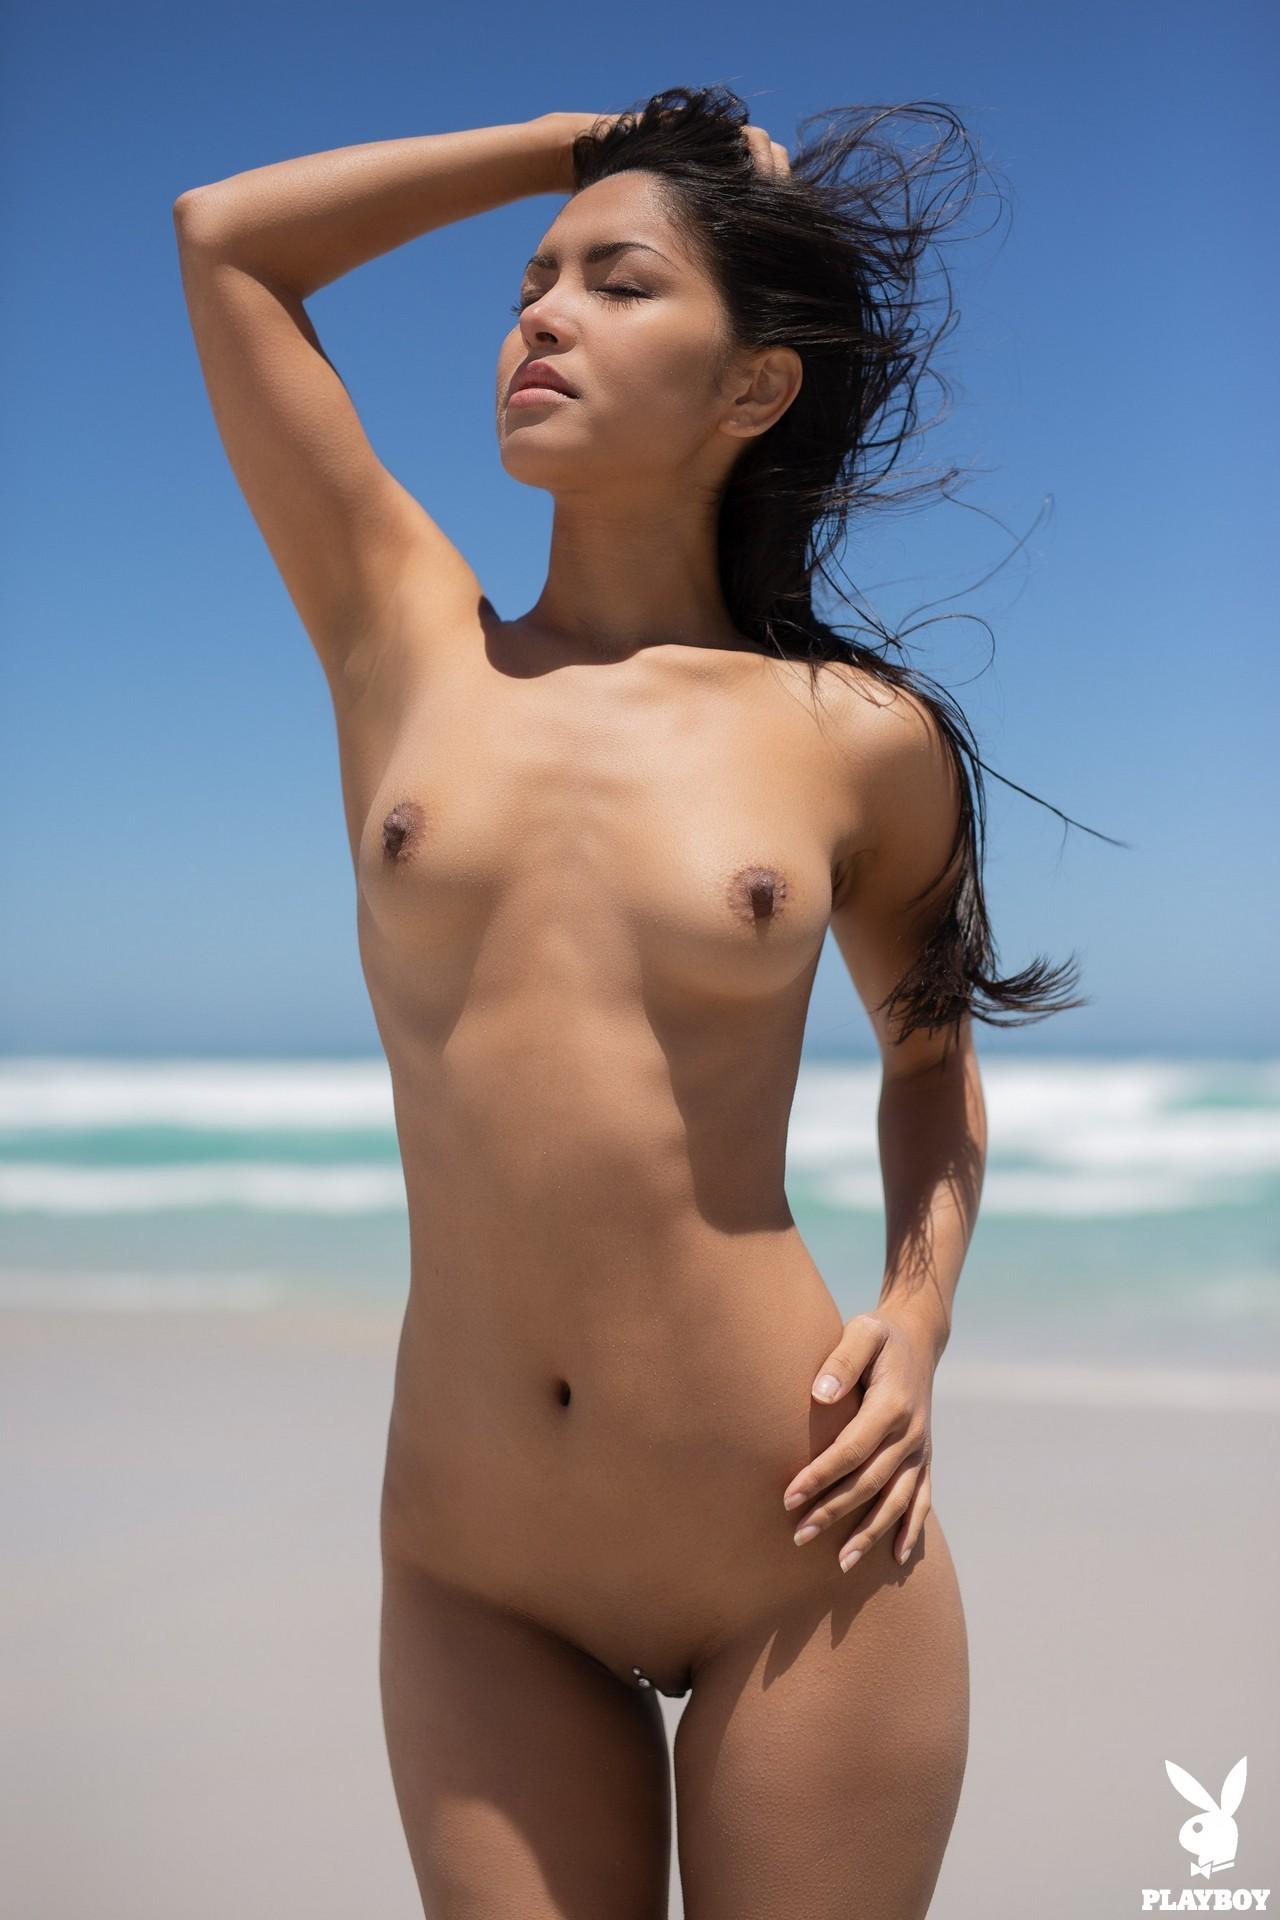 Chloe Rose in Windswept - Playboy Plus 18